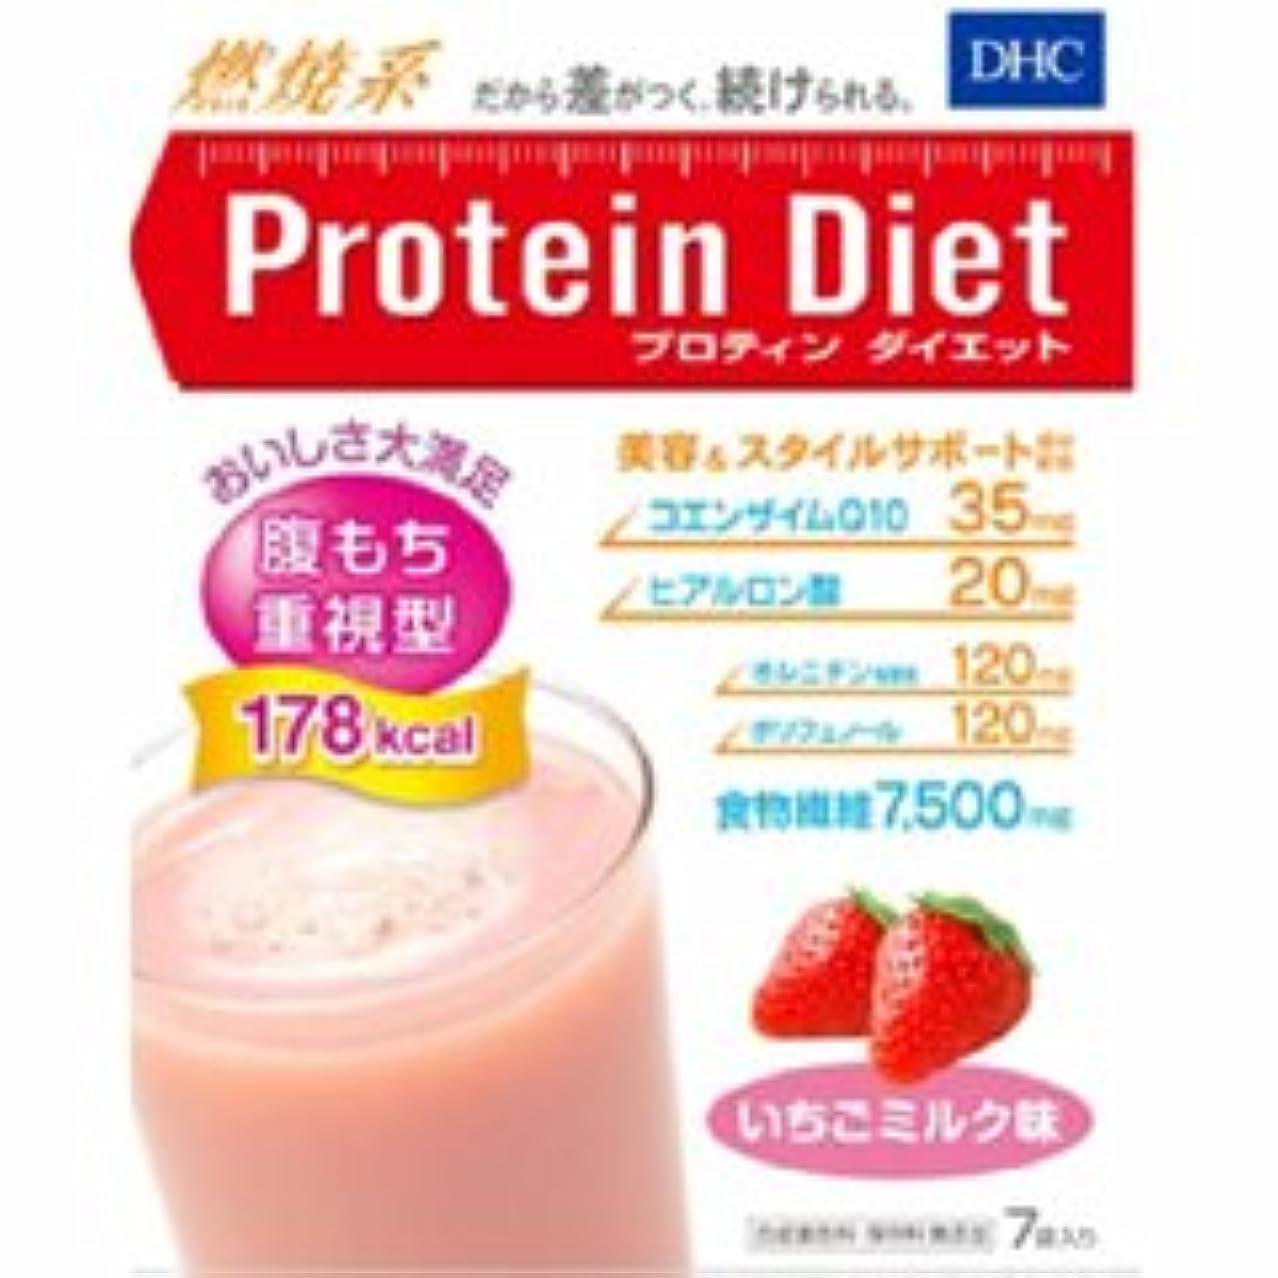 繊毛動員する脈拍DHCの健康食品 プロティンダイエット いちごミルク味 50g×7袋 【DHC】